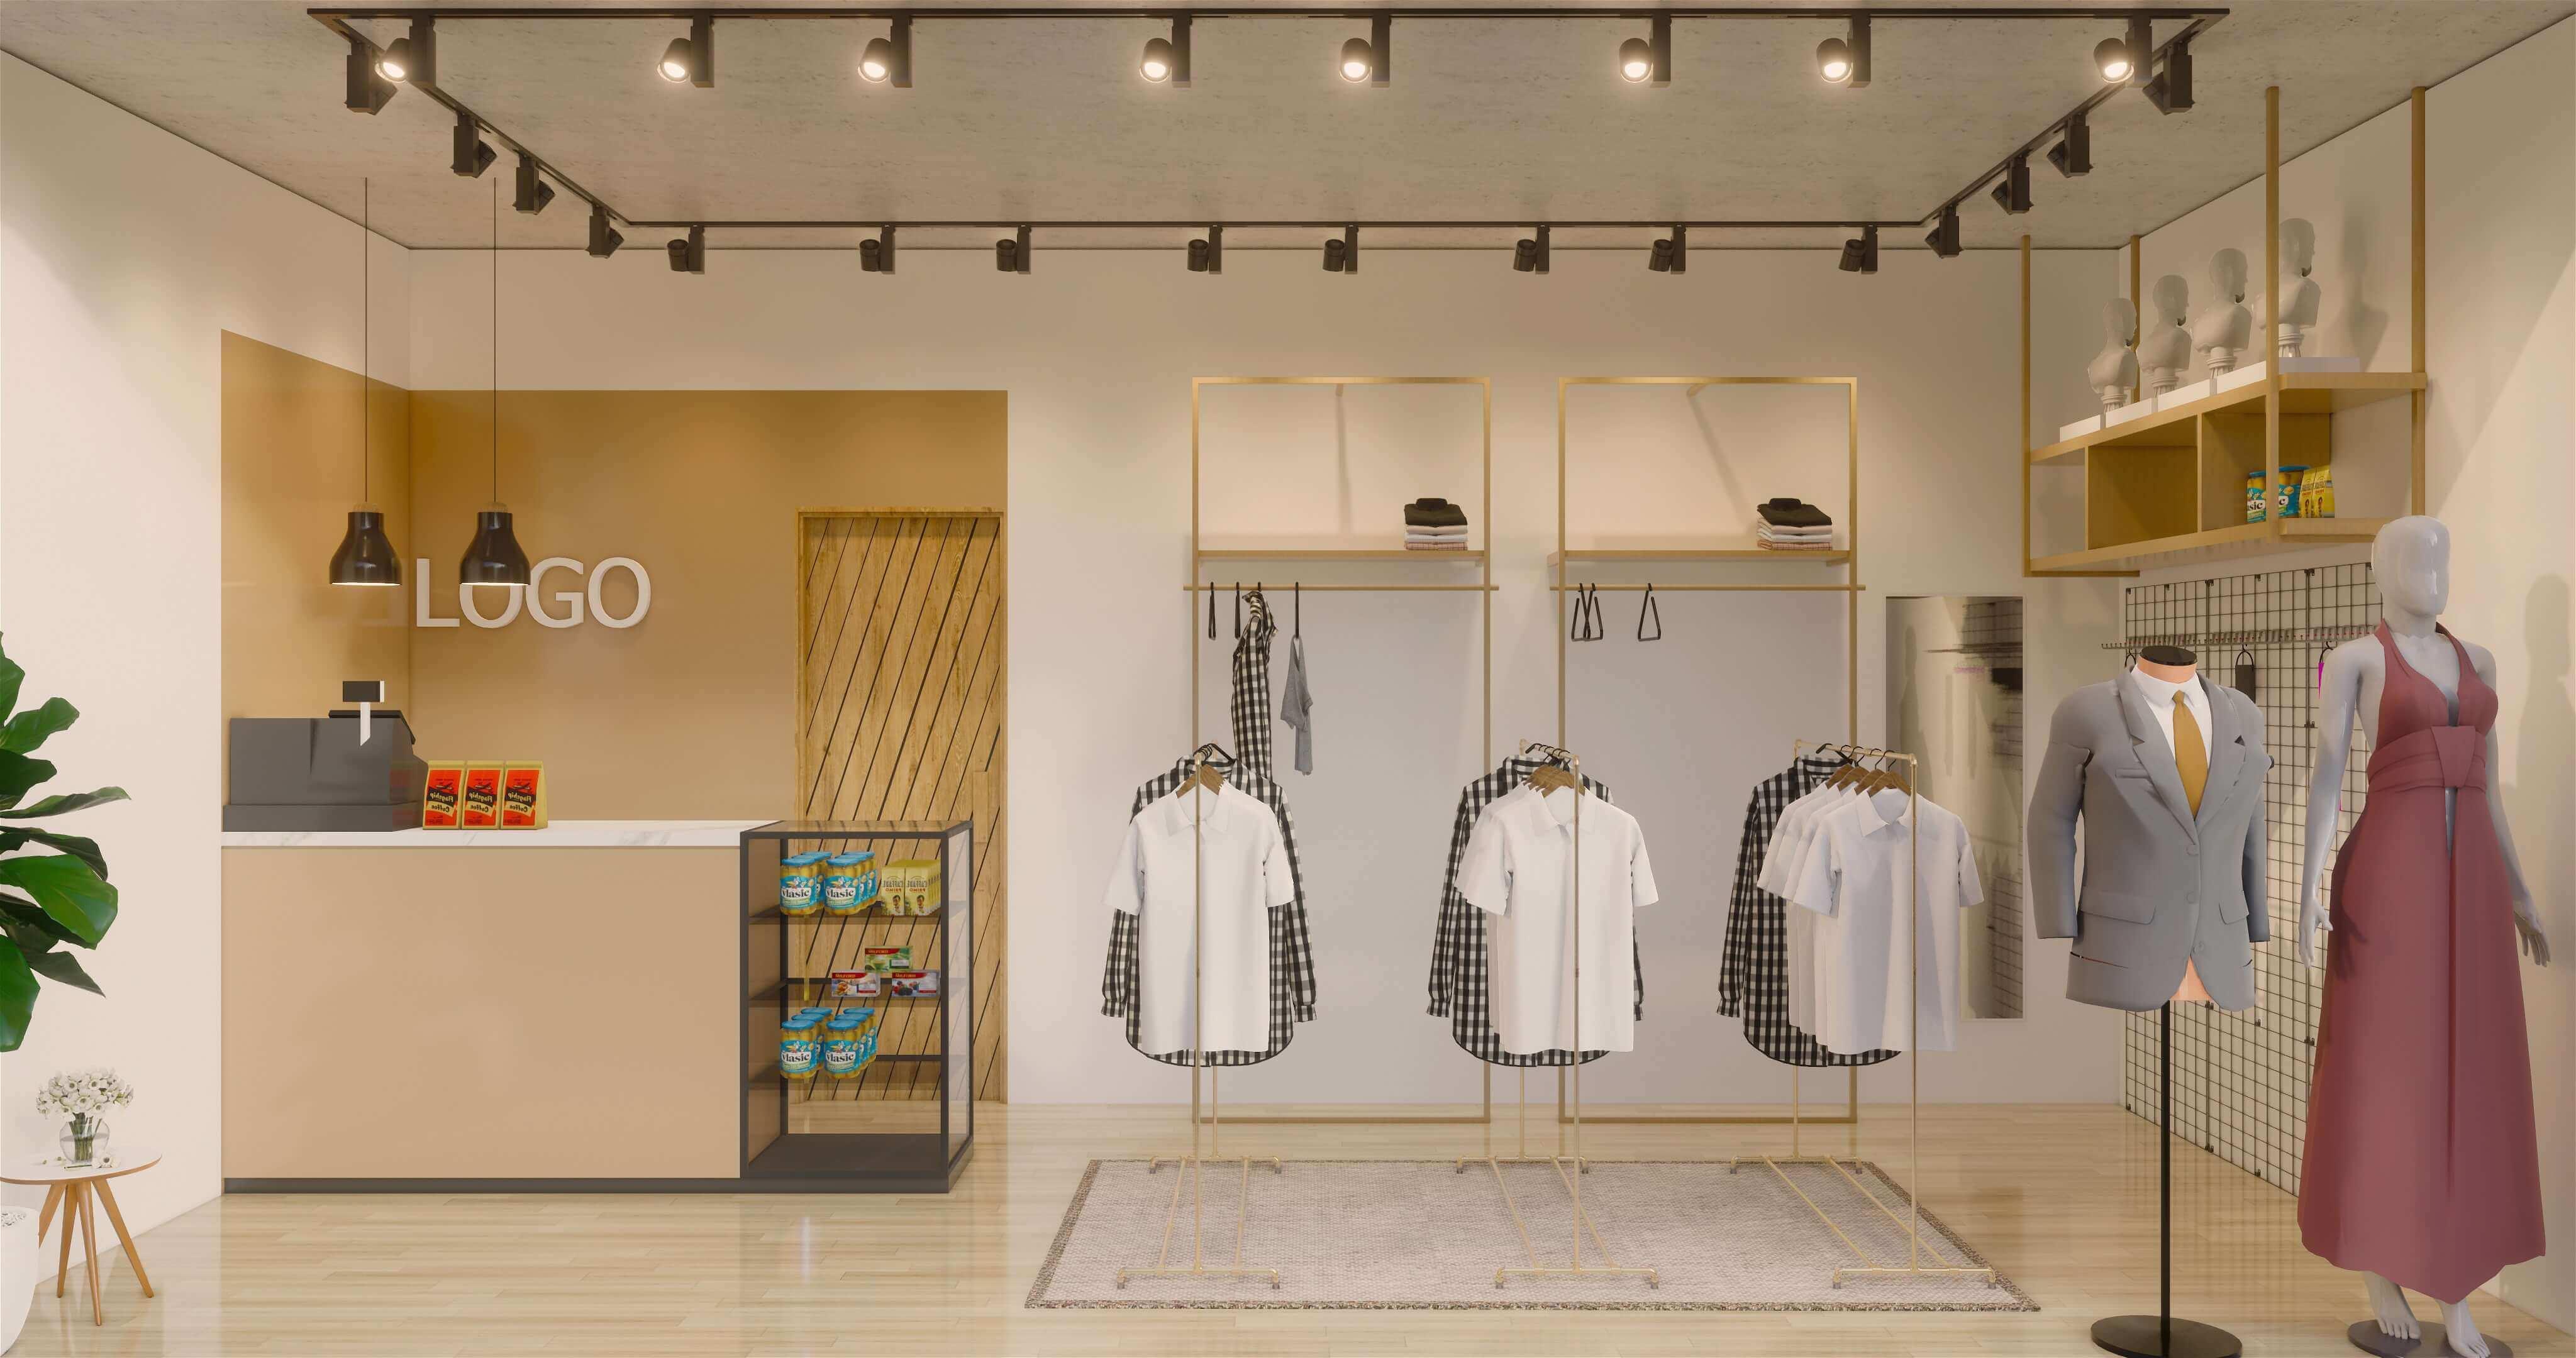 Desain Toko Baju Sederhana Kecil Cek Bahan Bangunan Desain toko busana muslim